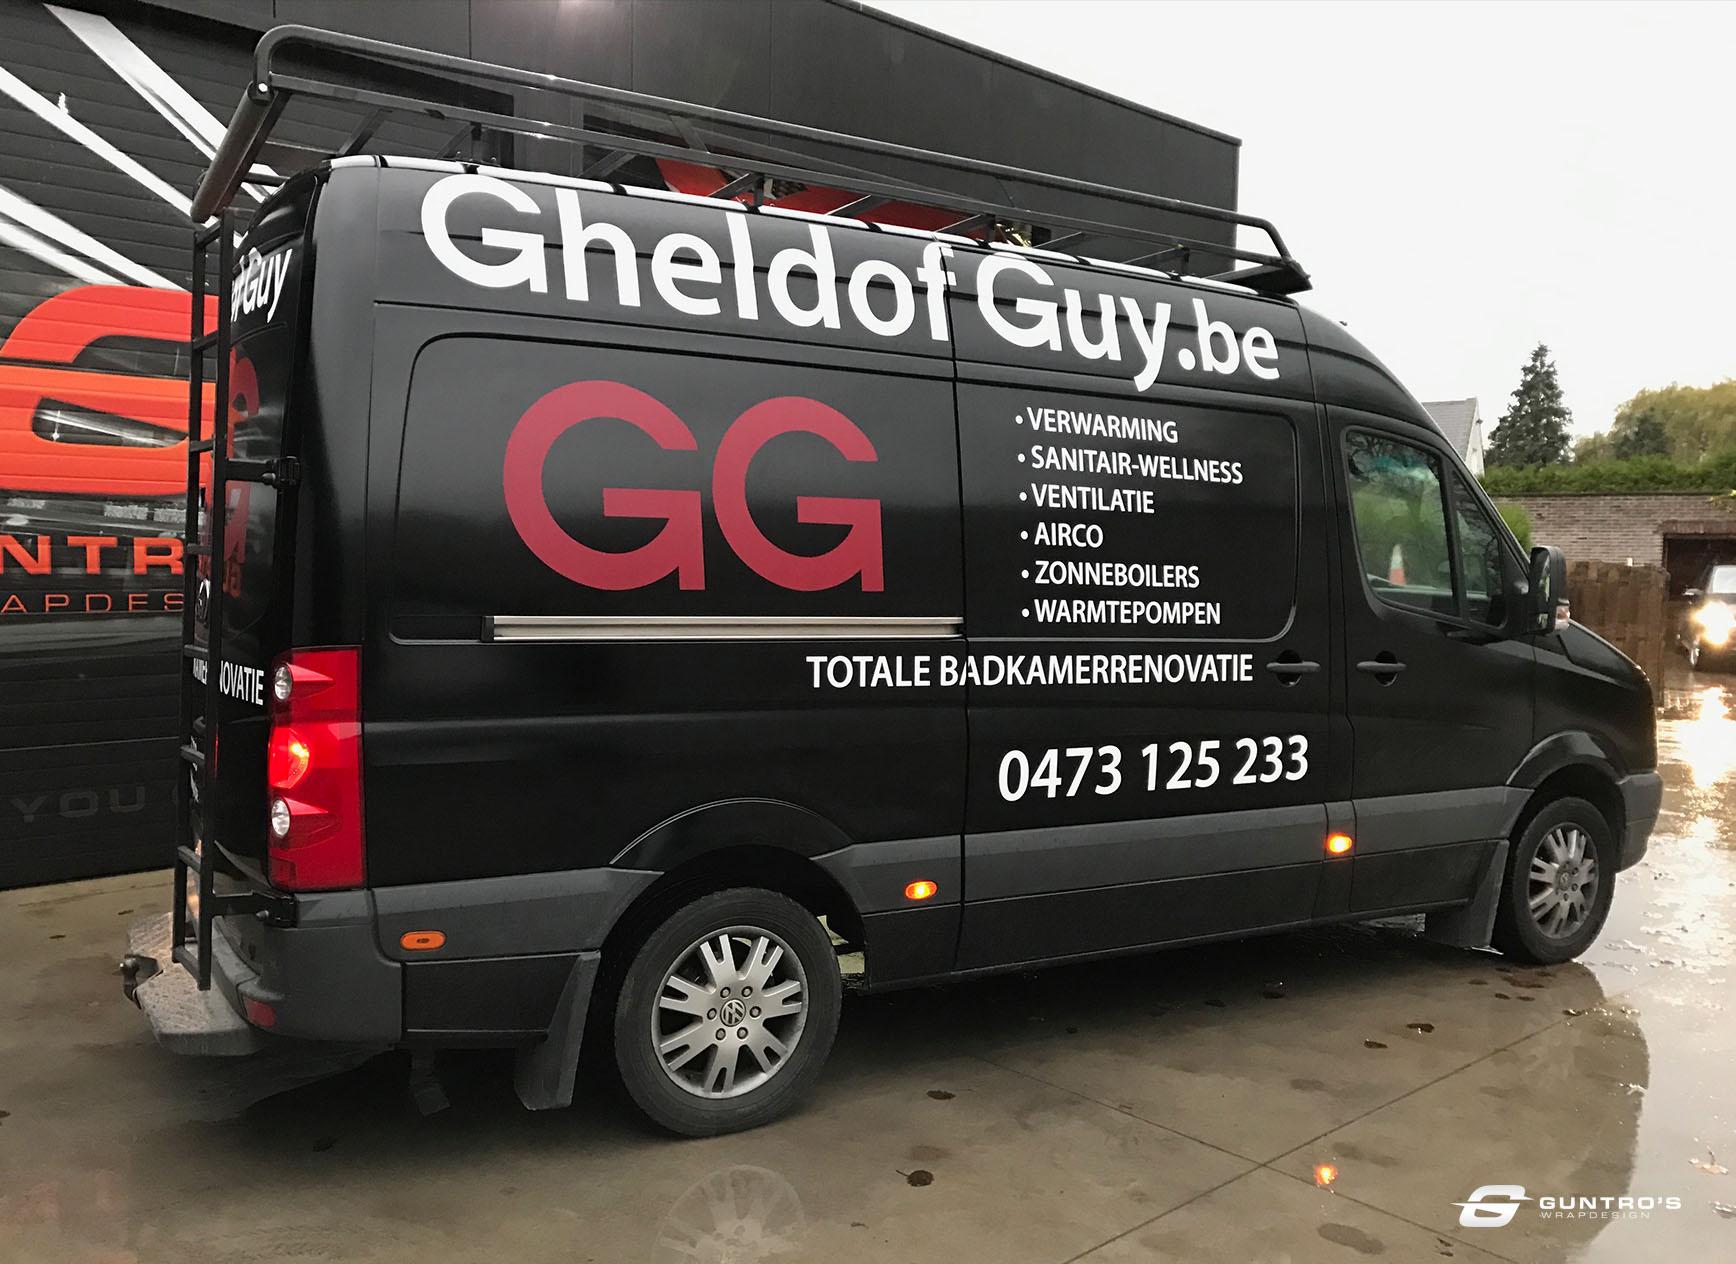 BELETTERING GHELDOF GUY